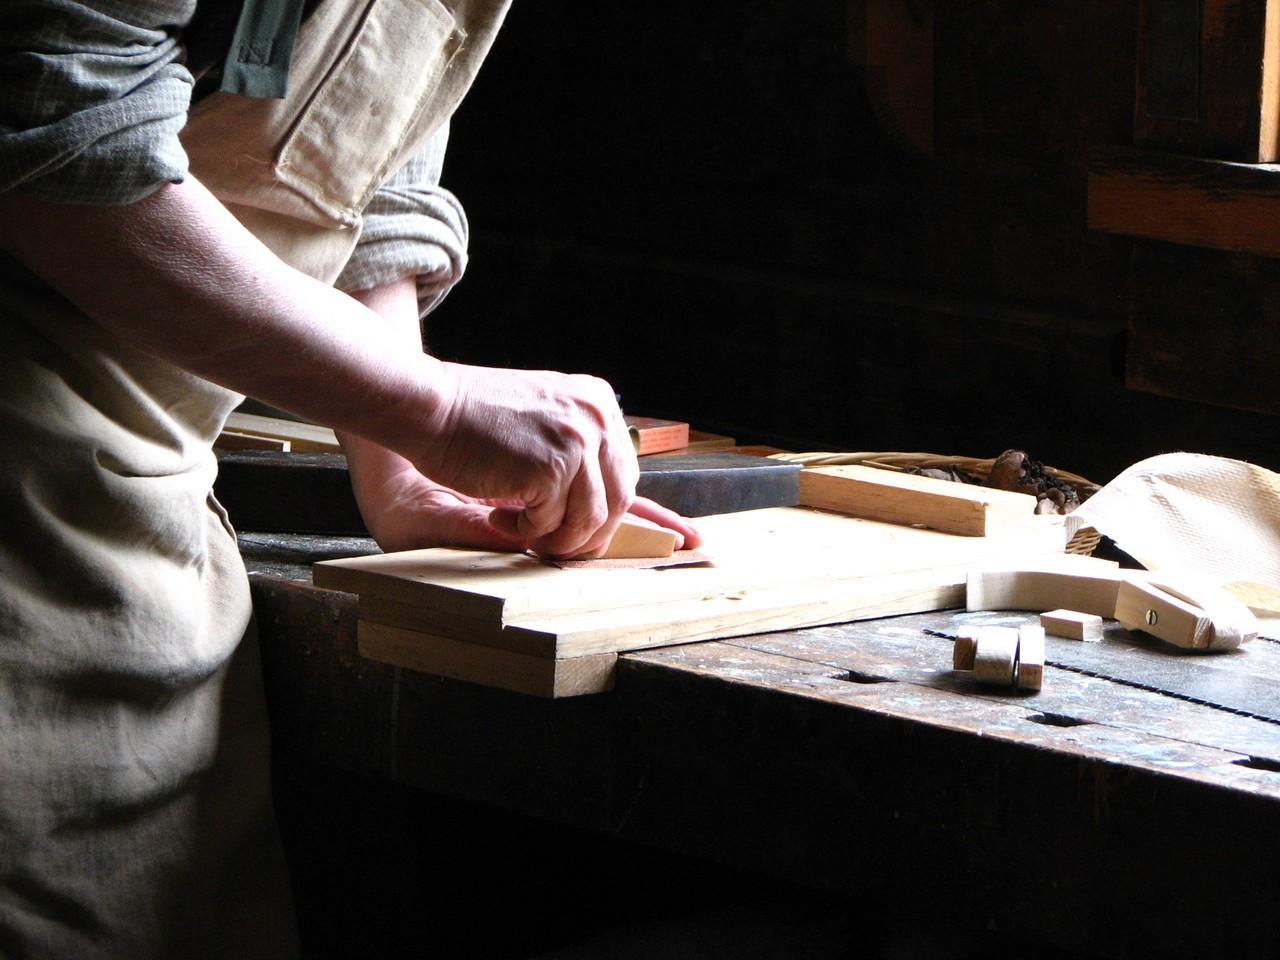 Czym jest obróbka drewna?